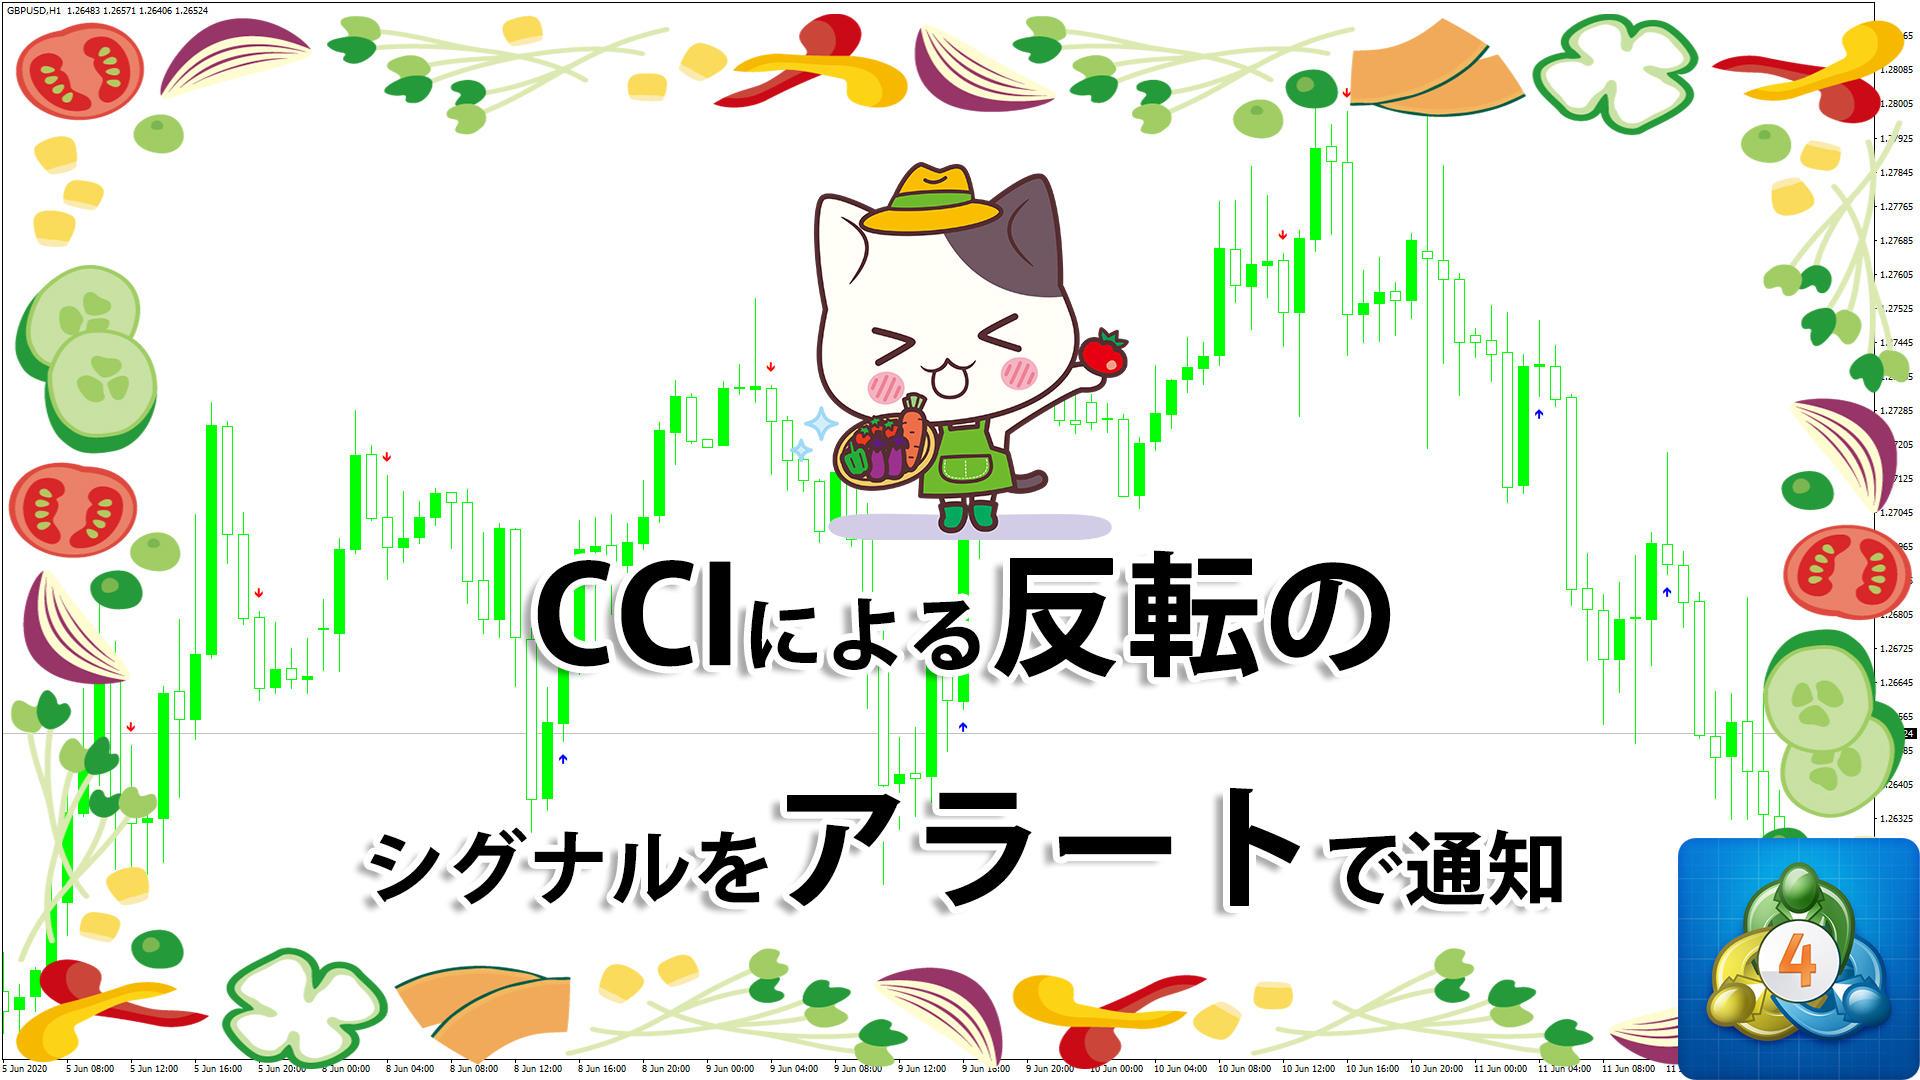 CCIのシグナルをアラートで通知して矢印を表示するMT4インジケーター「Sig_CCI」